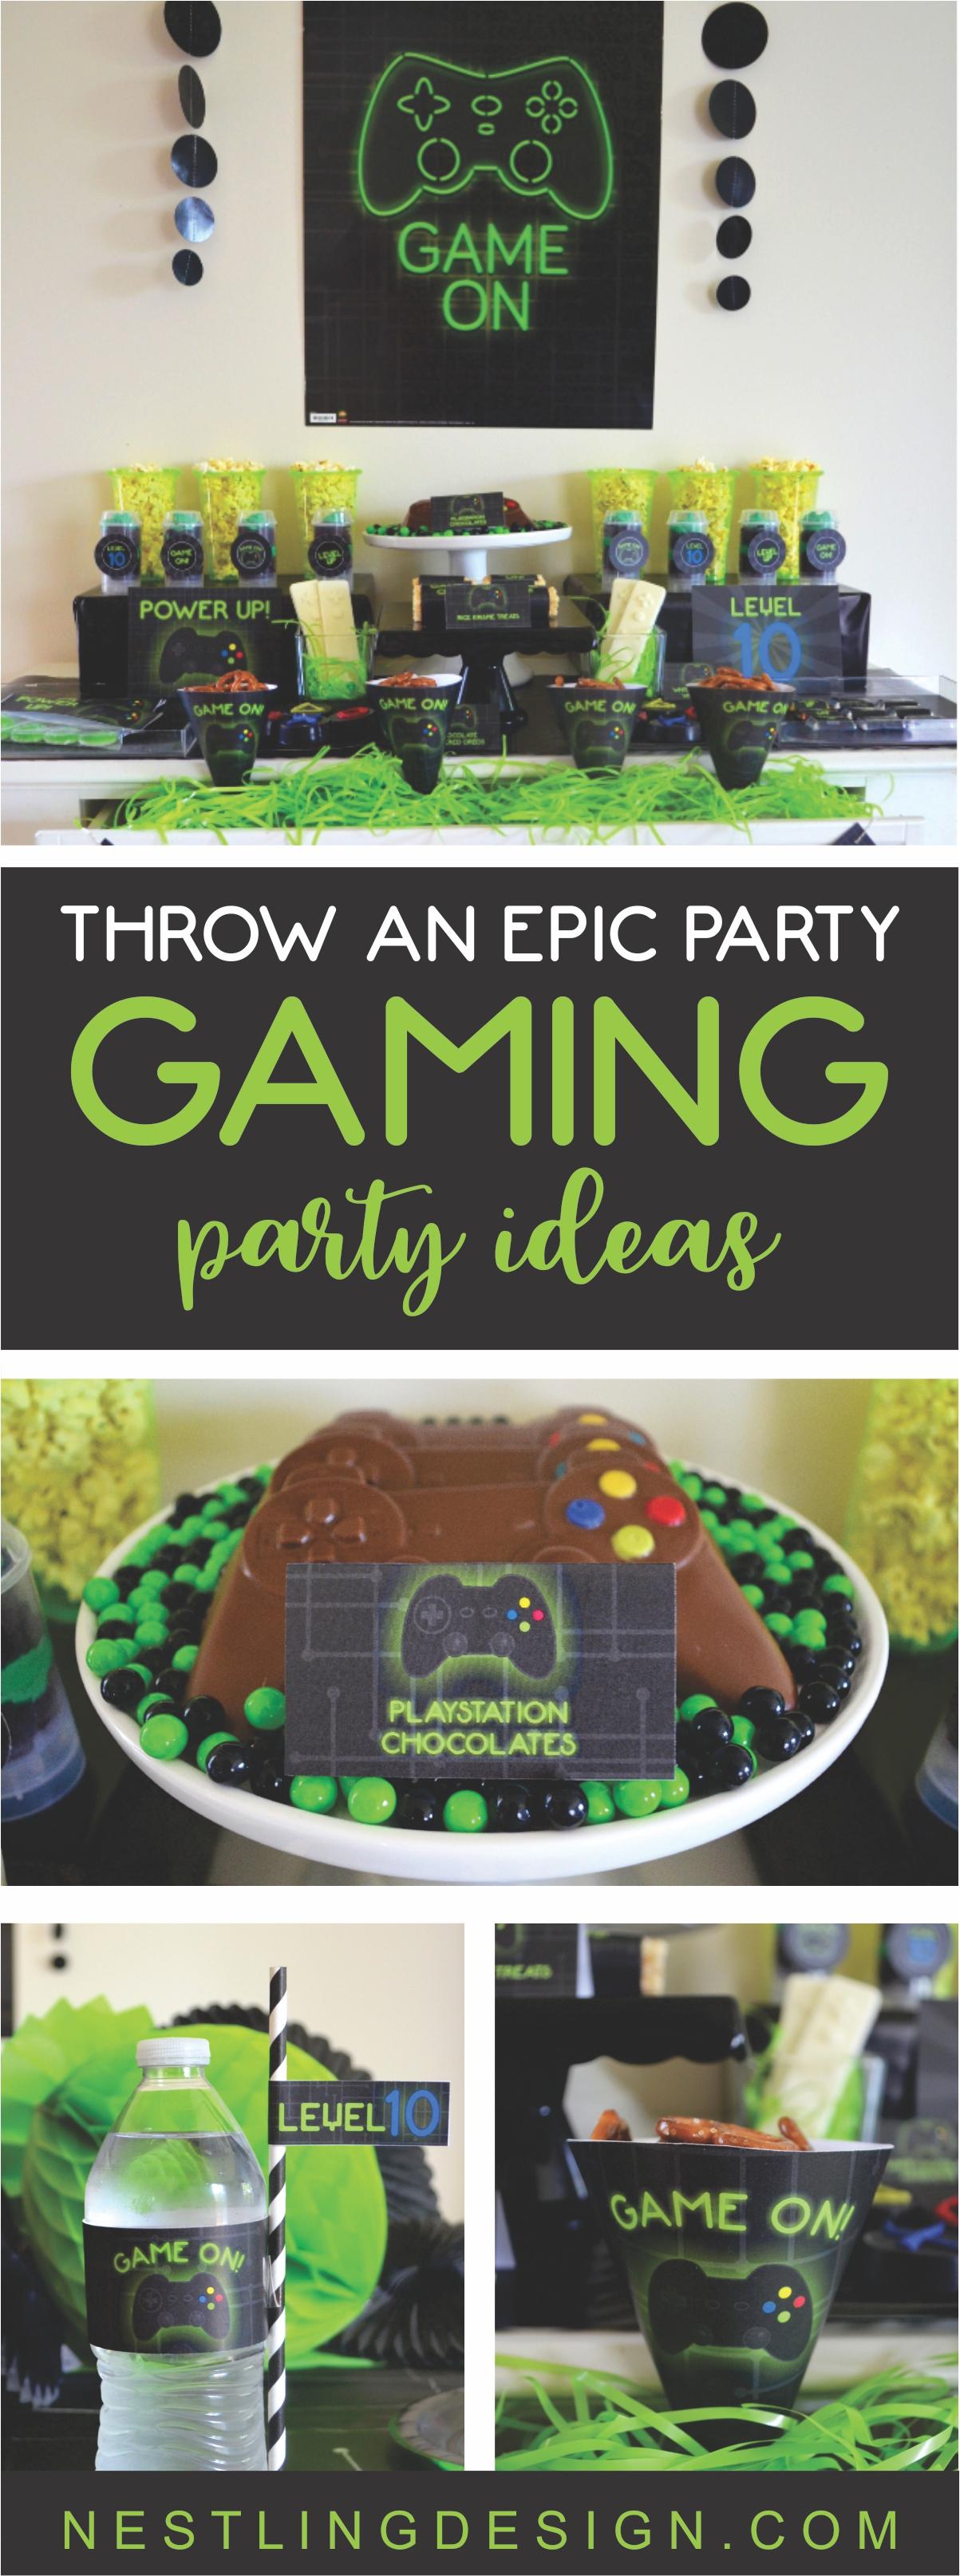 Epic Gaming Party Ideas   NestlingDesign.com